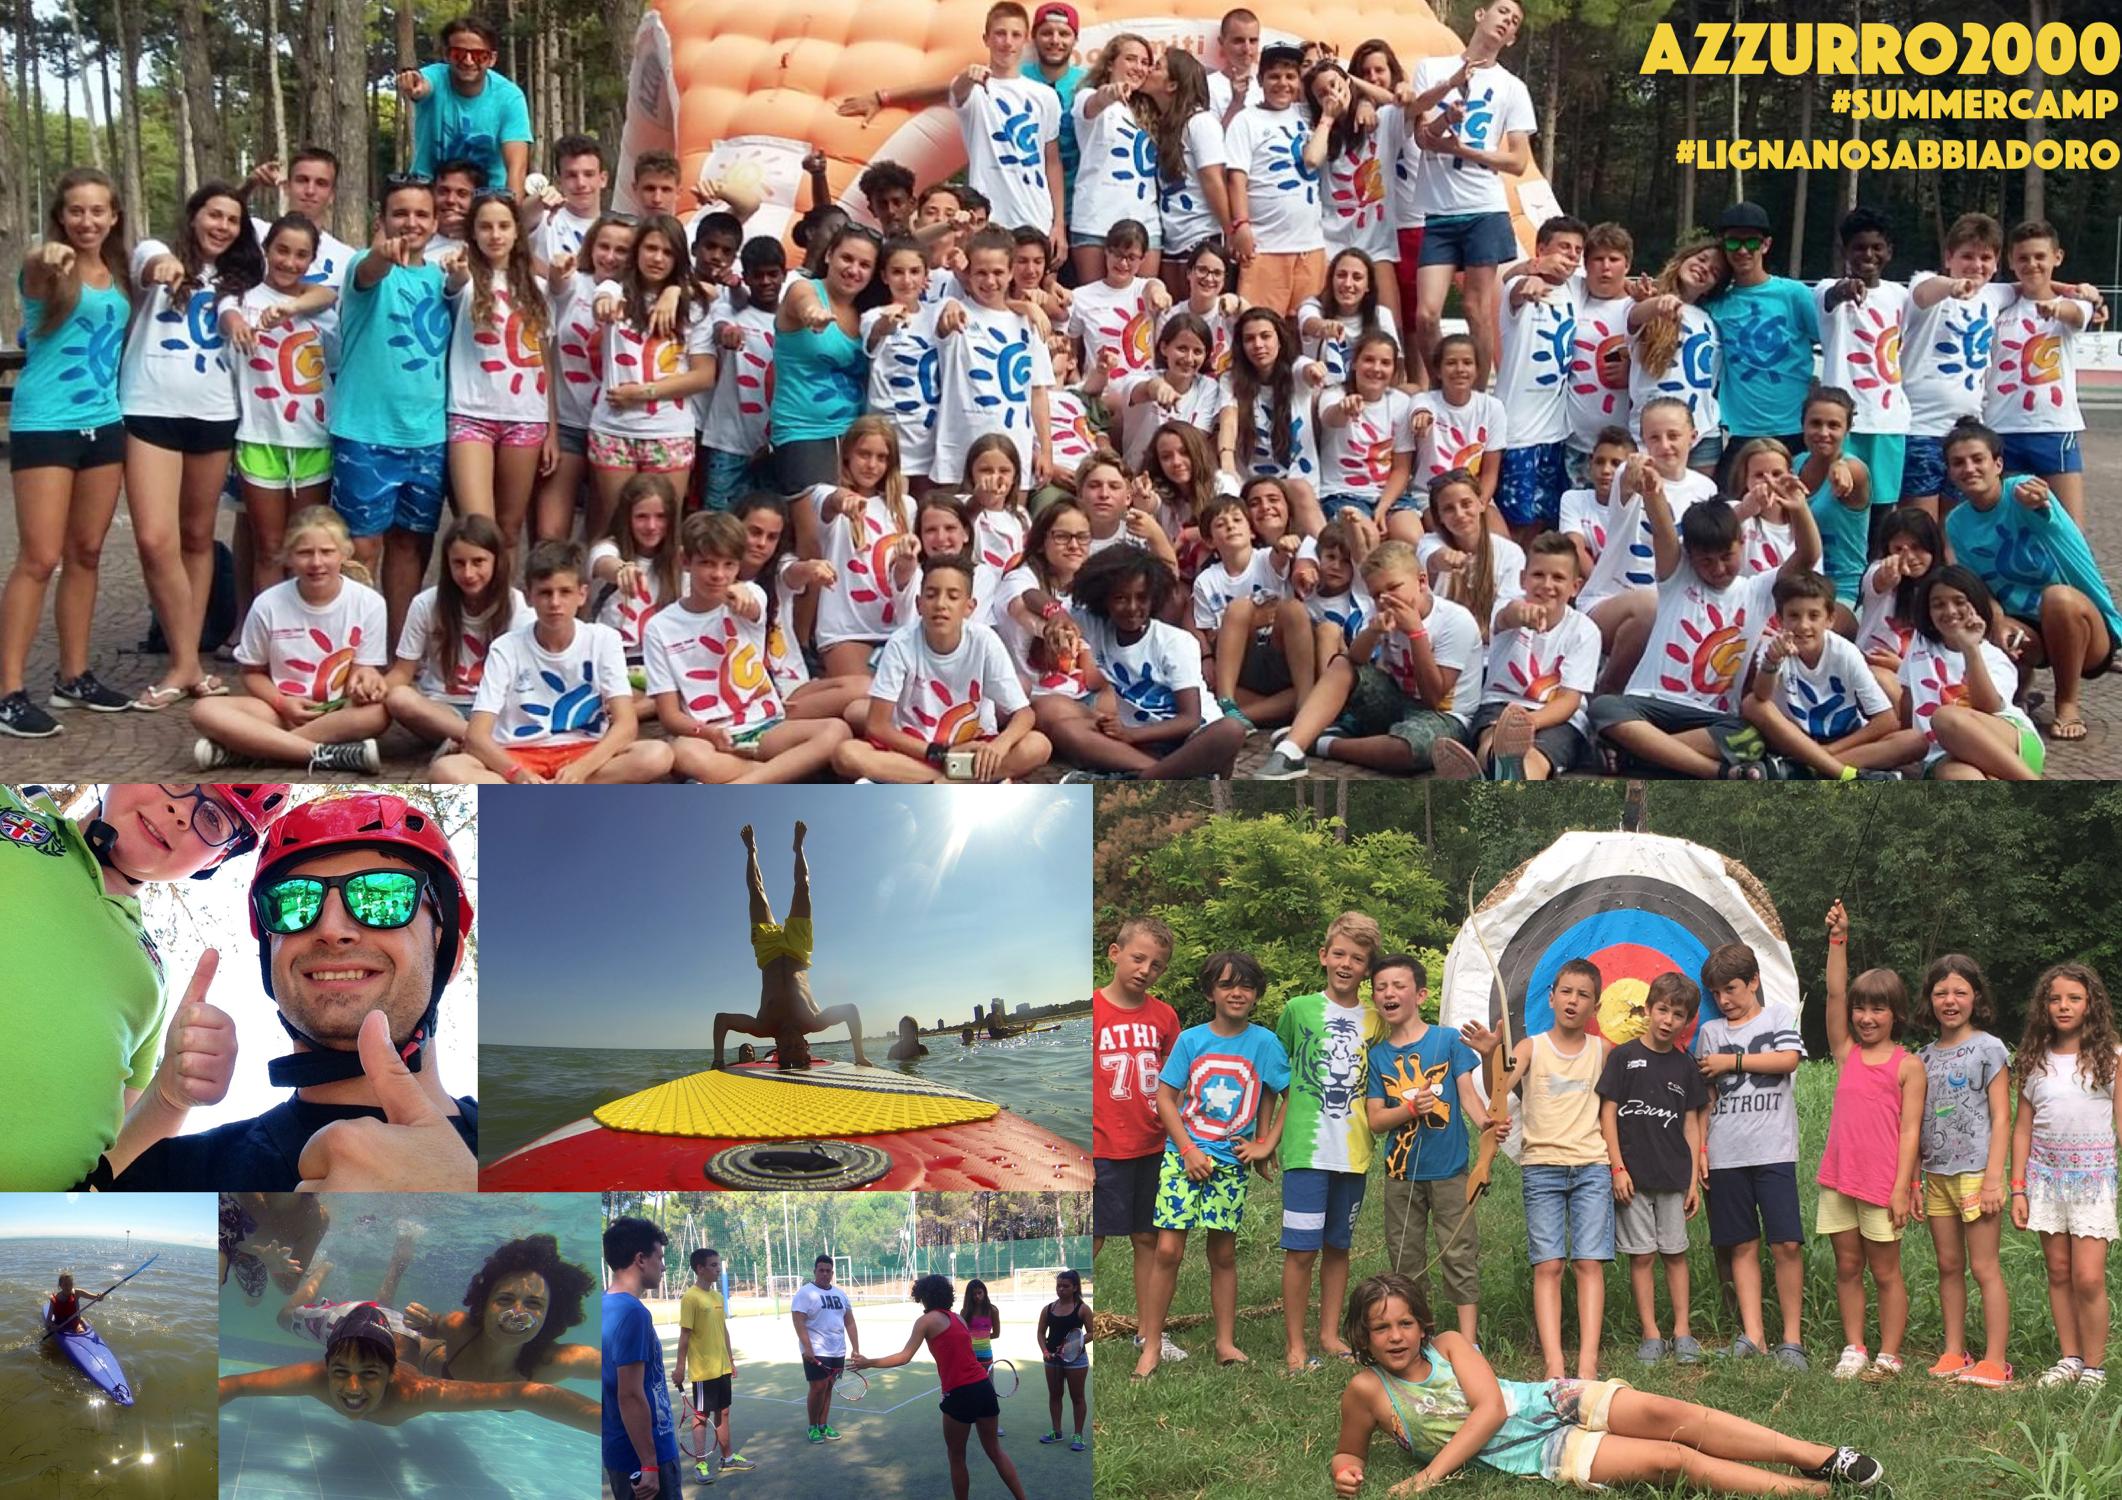 collage_azzurro2000